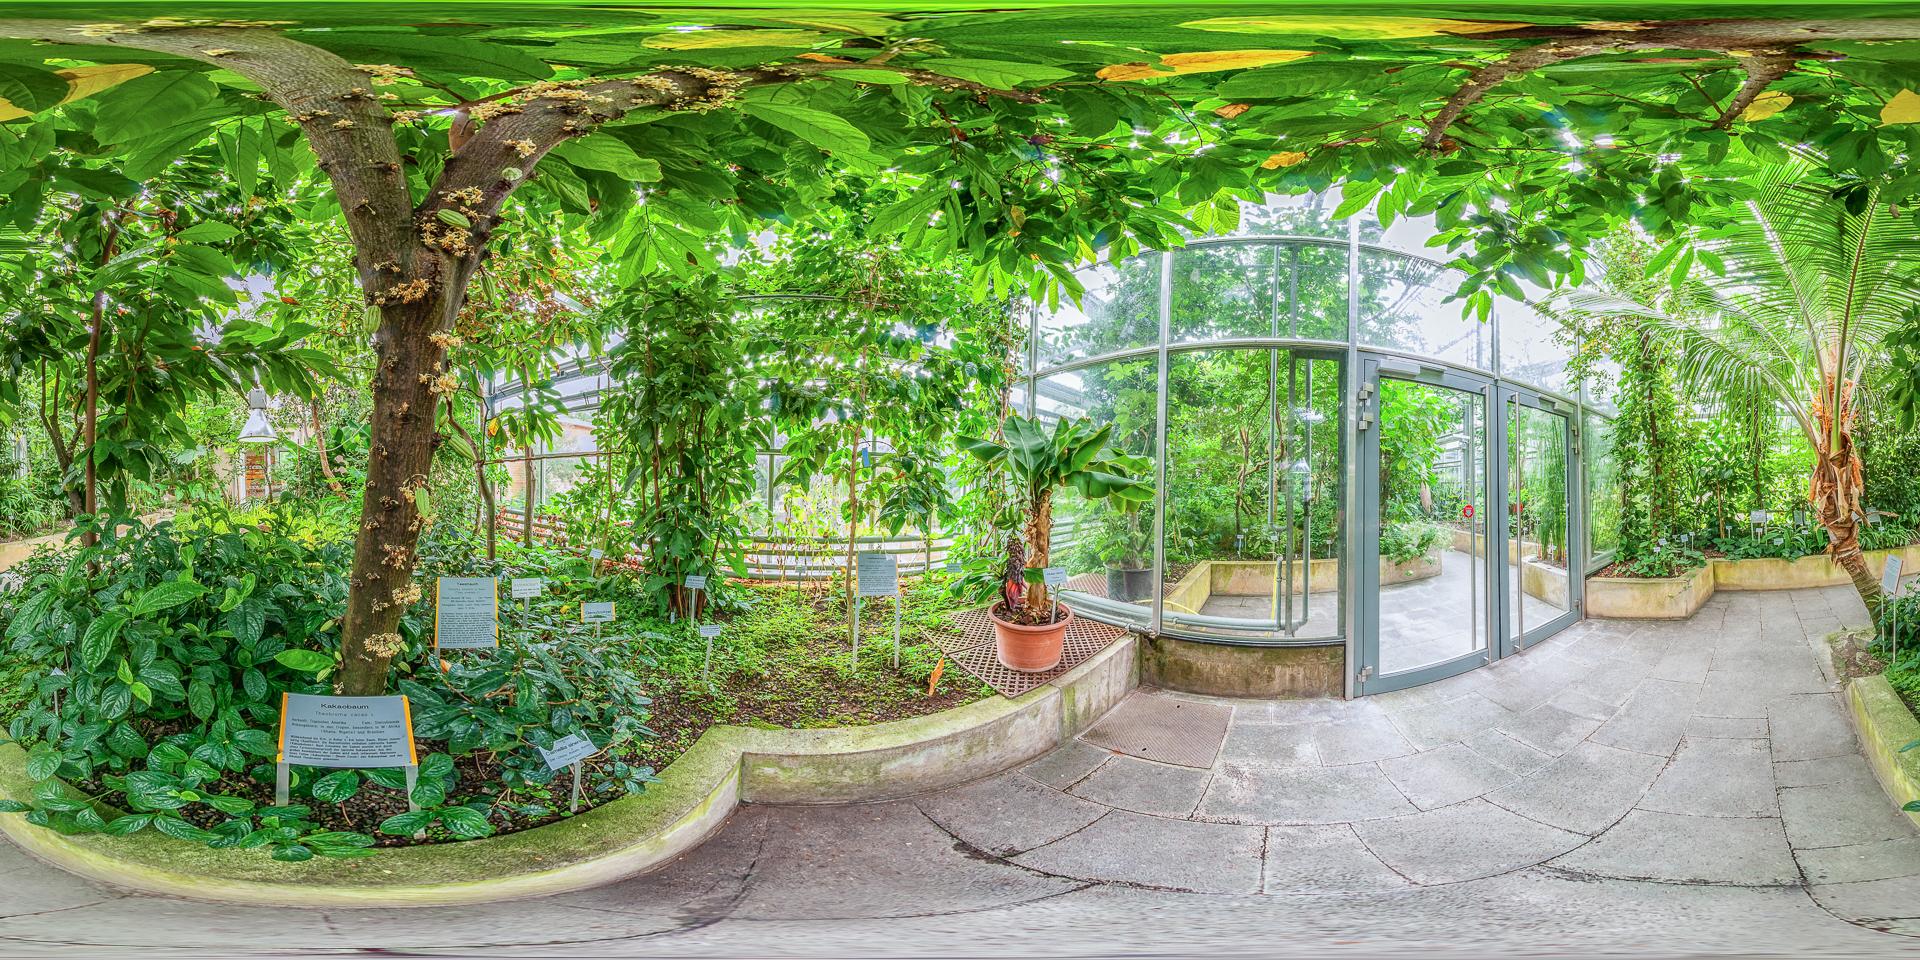 Botanischer garten  Veranstaltungen am Botanischen Garten Würzburg - Botanischer Garten